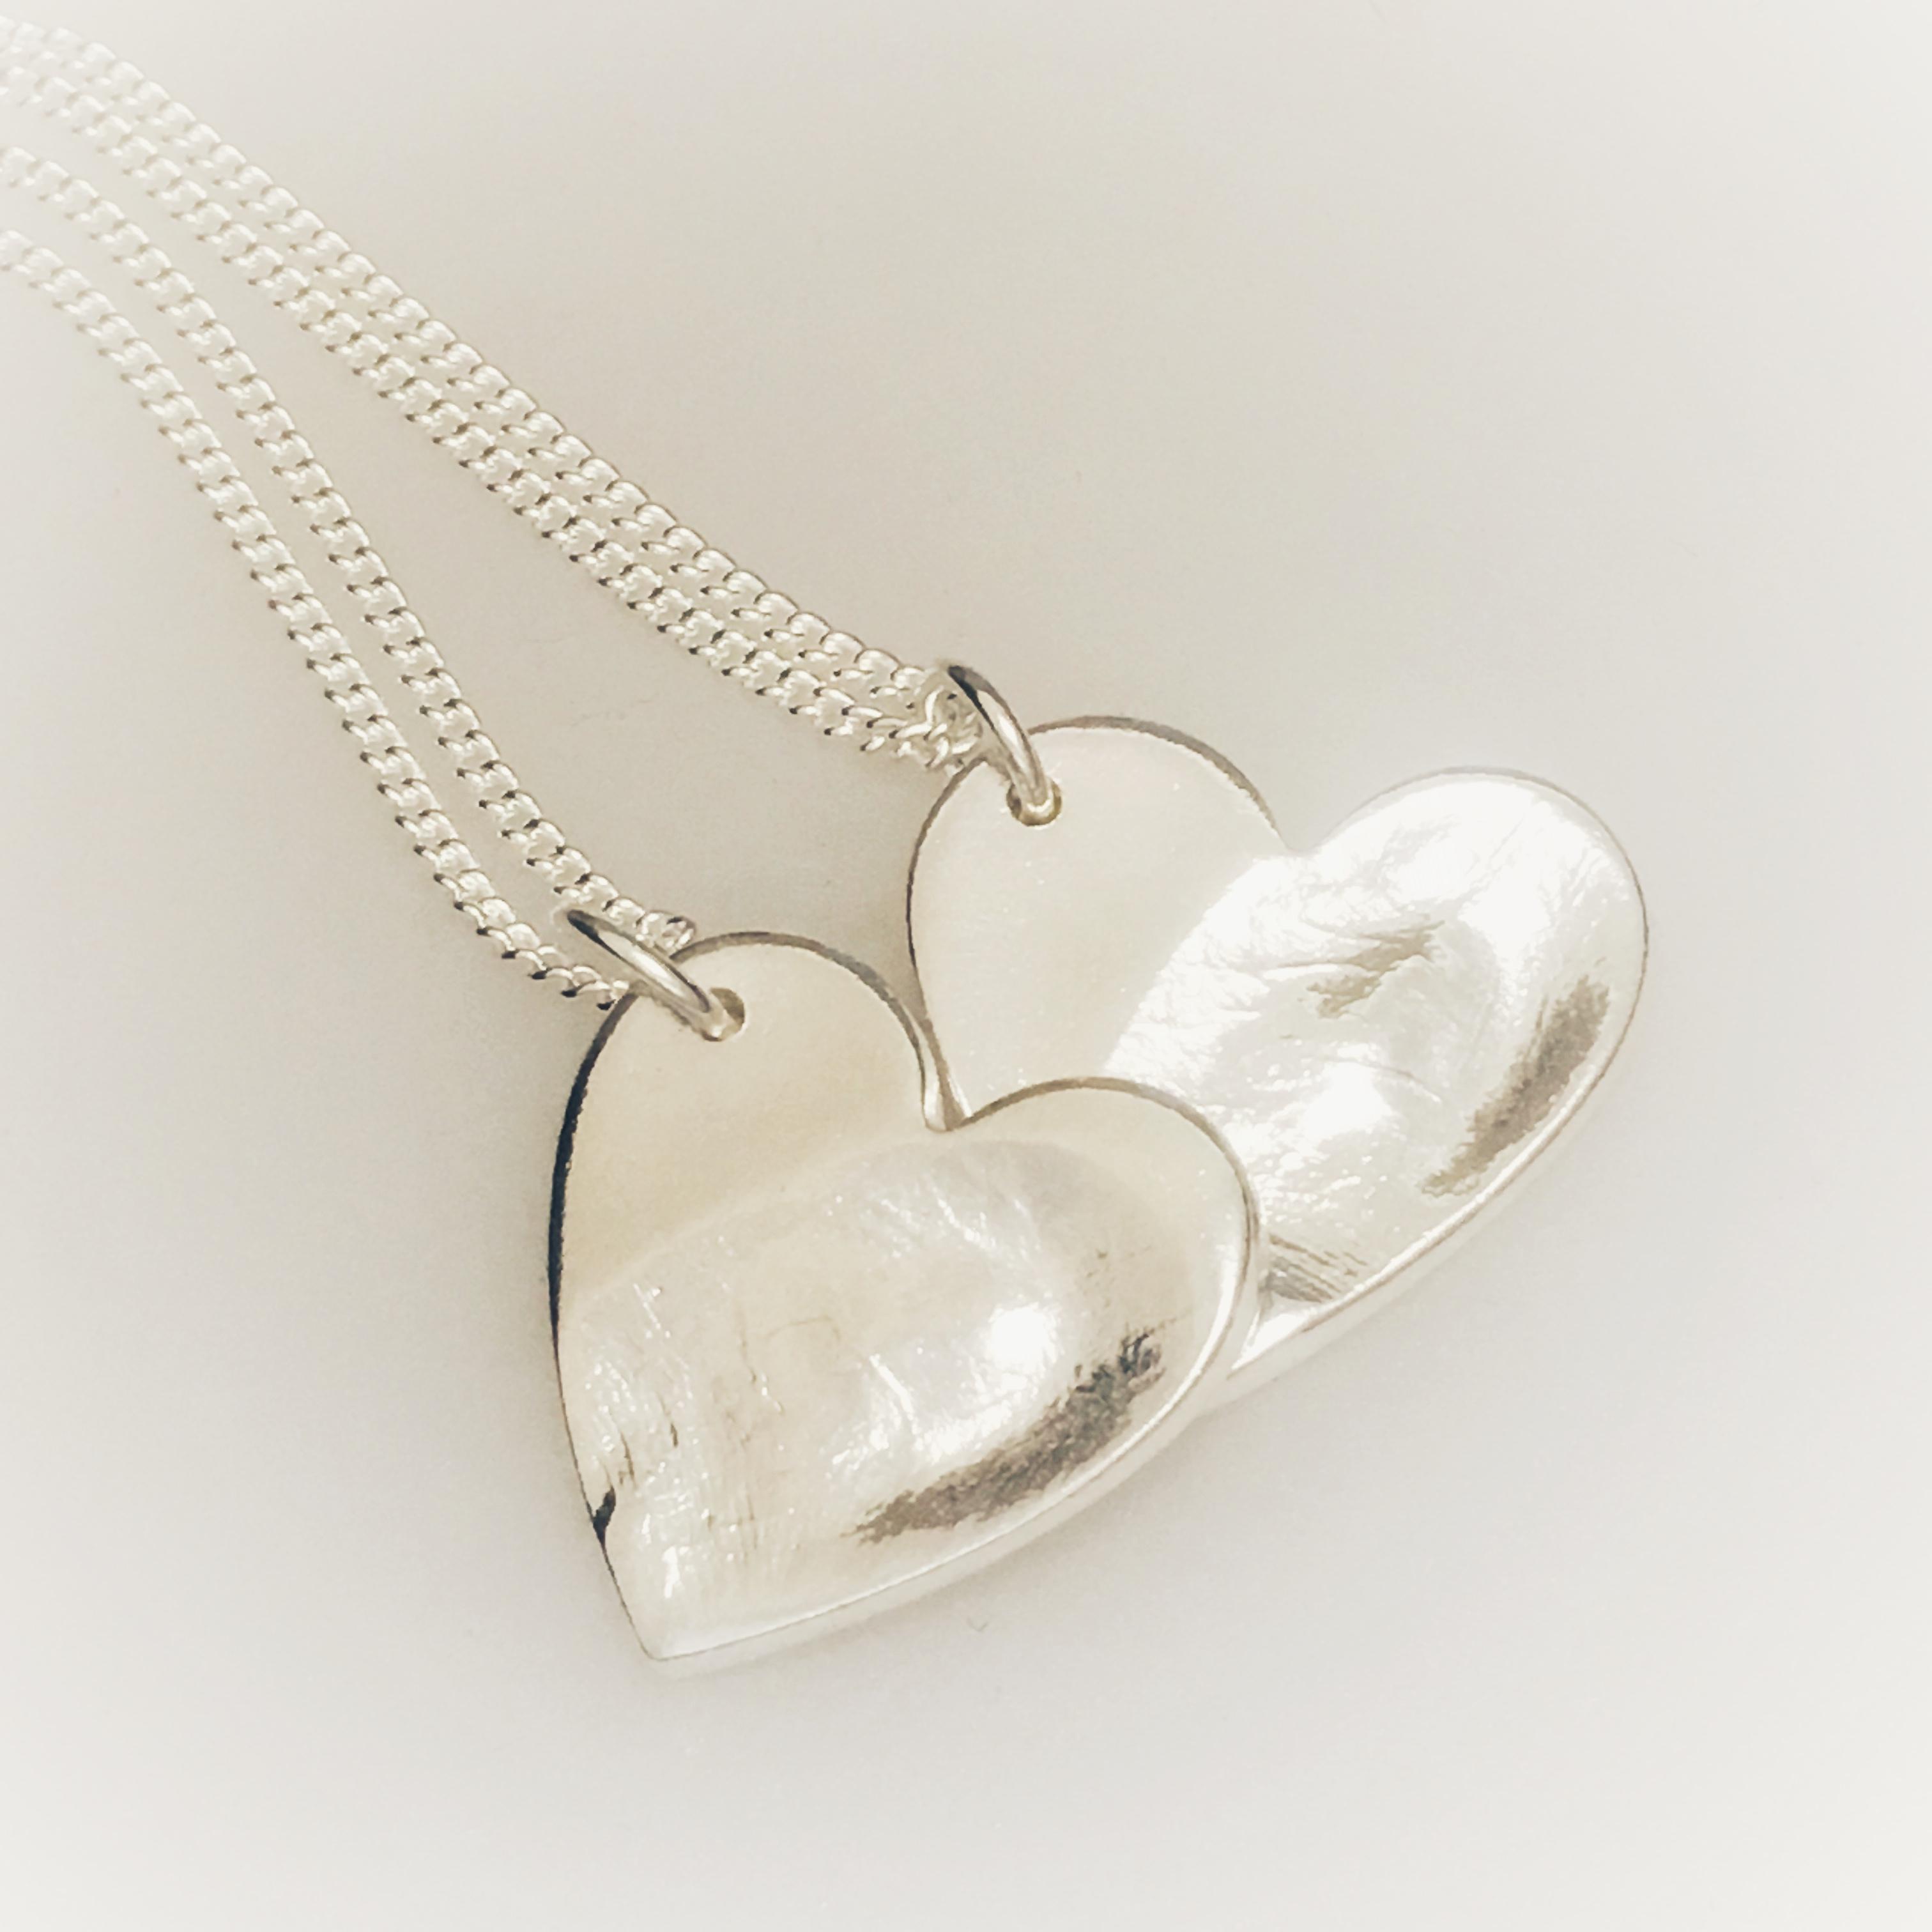 Customer Reviews of Memorial Jewellery 5